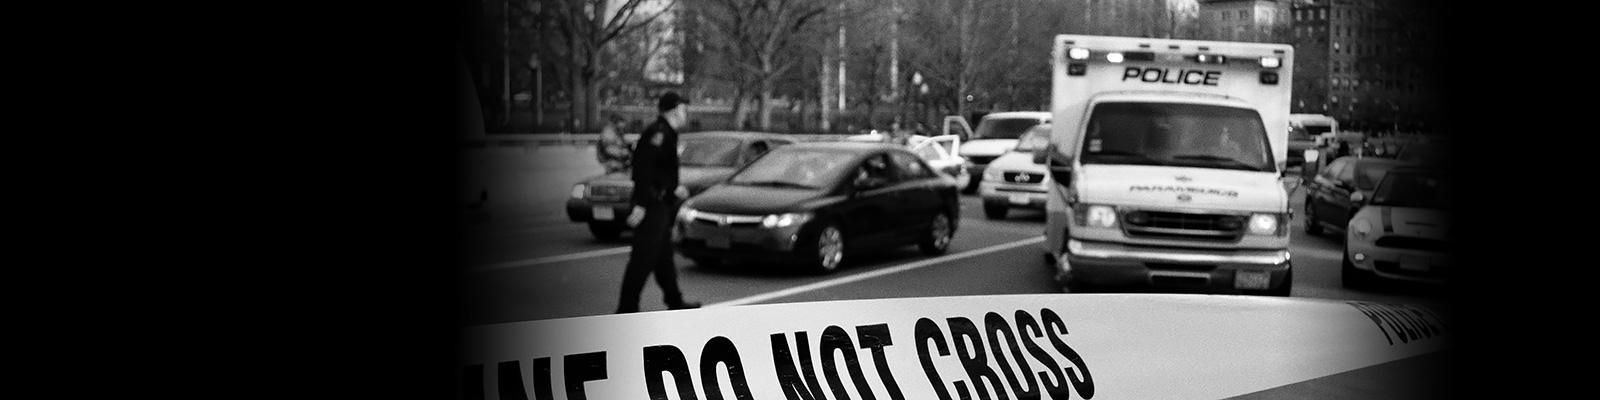 米国 警察 公共機関 イメージ